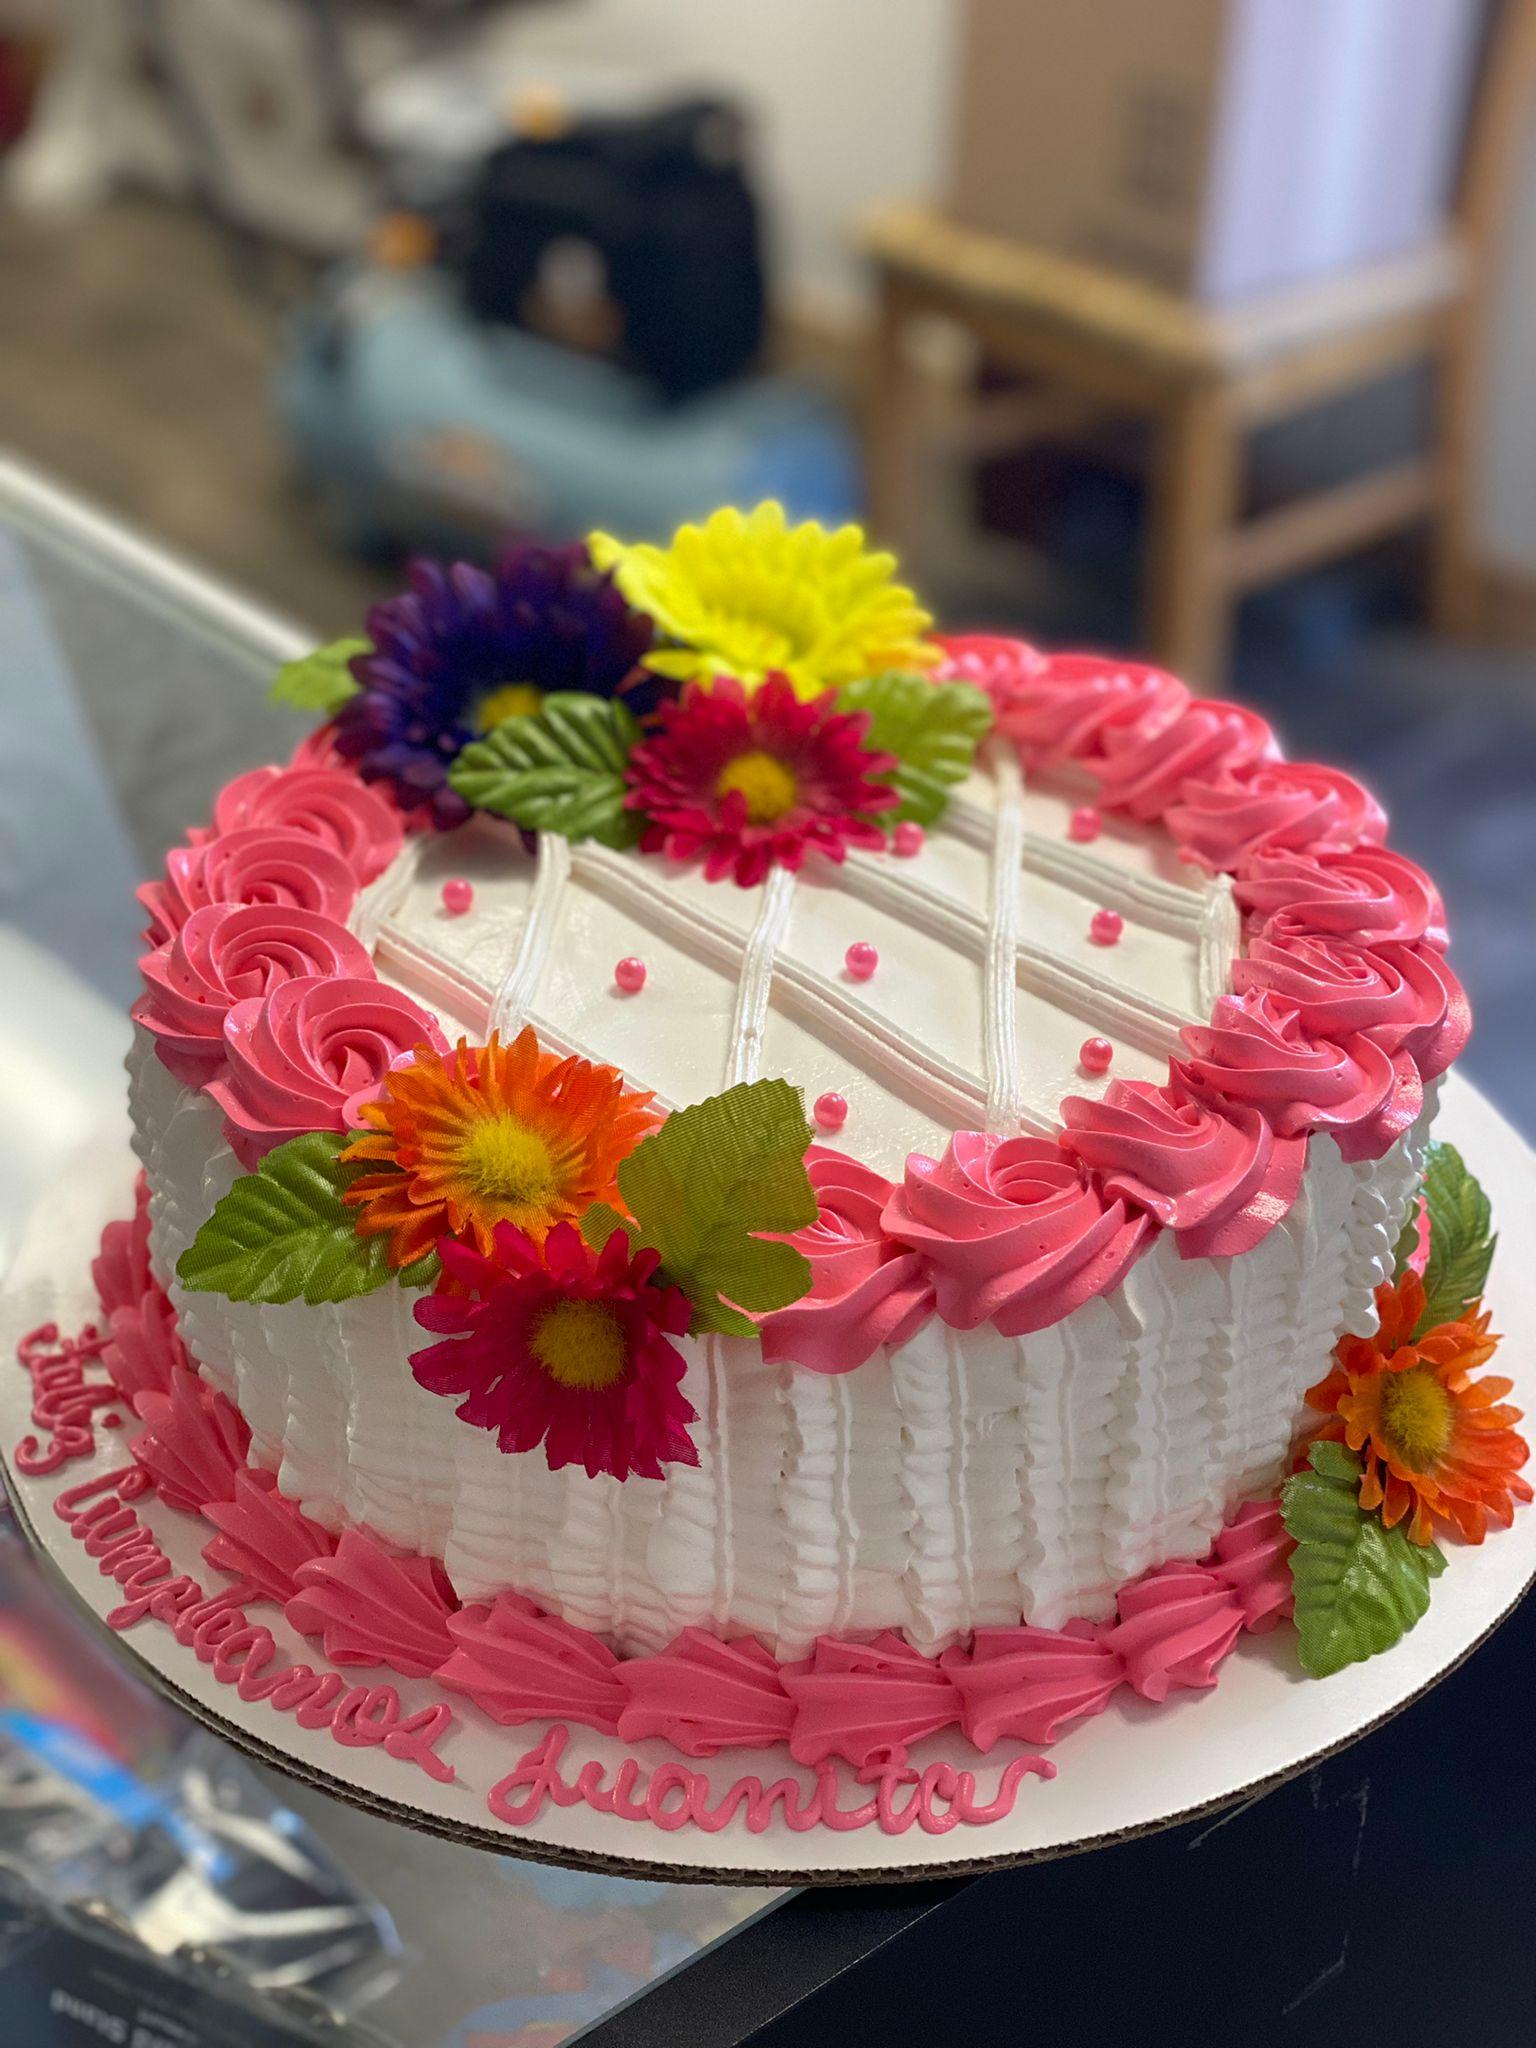 https://0201.nccdn.net/1_2/000/000/0cc/69f/baked-bistro-cakes.jpg